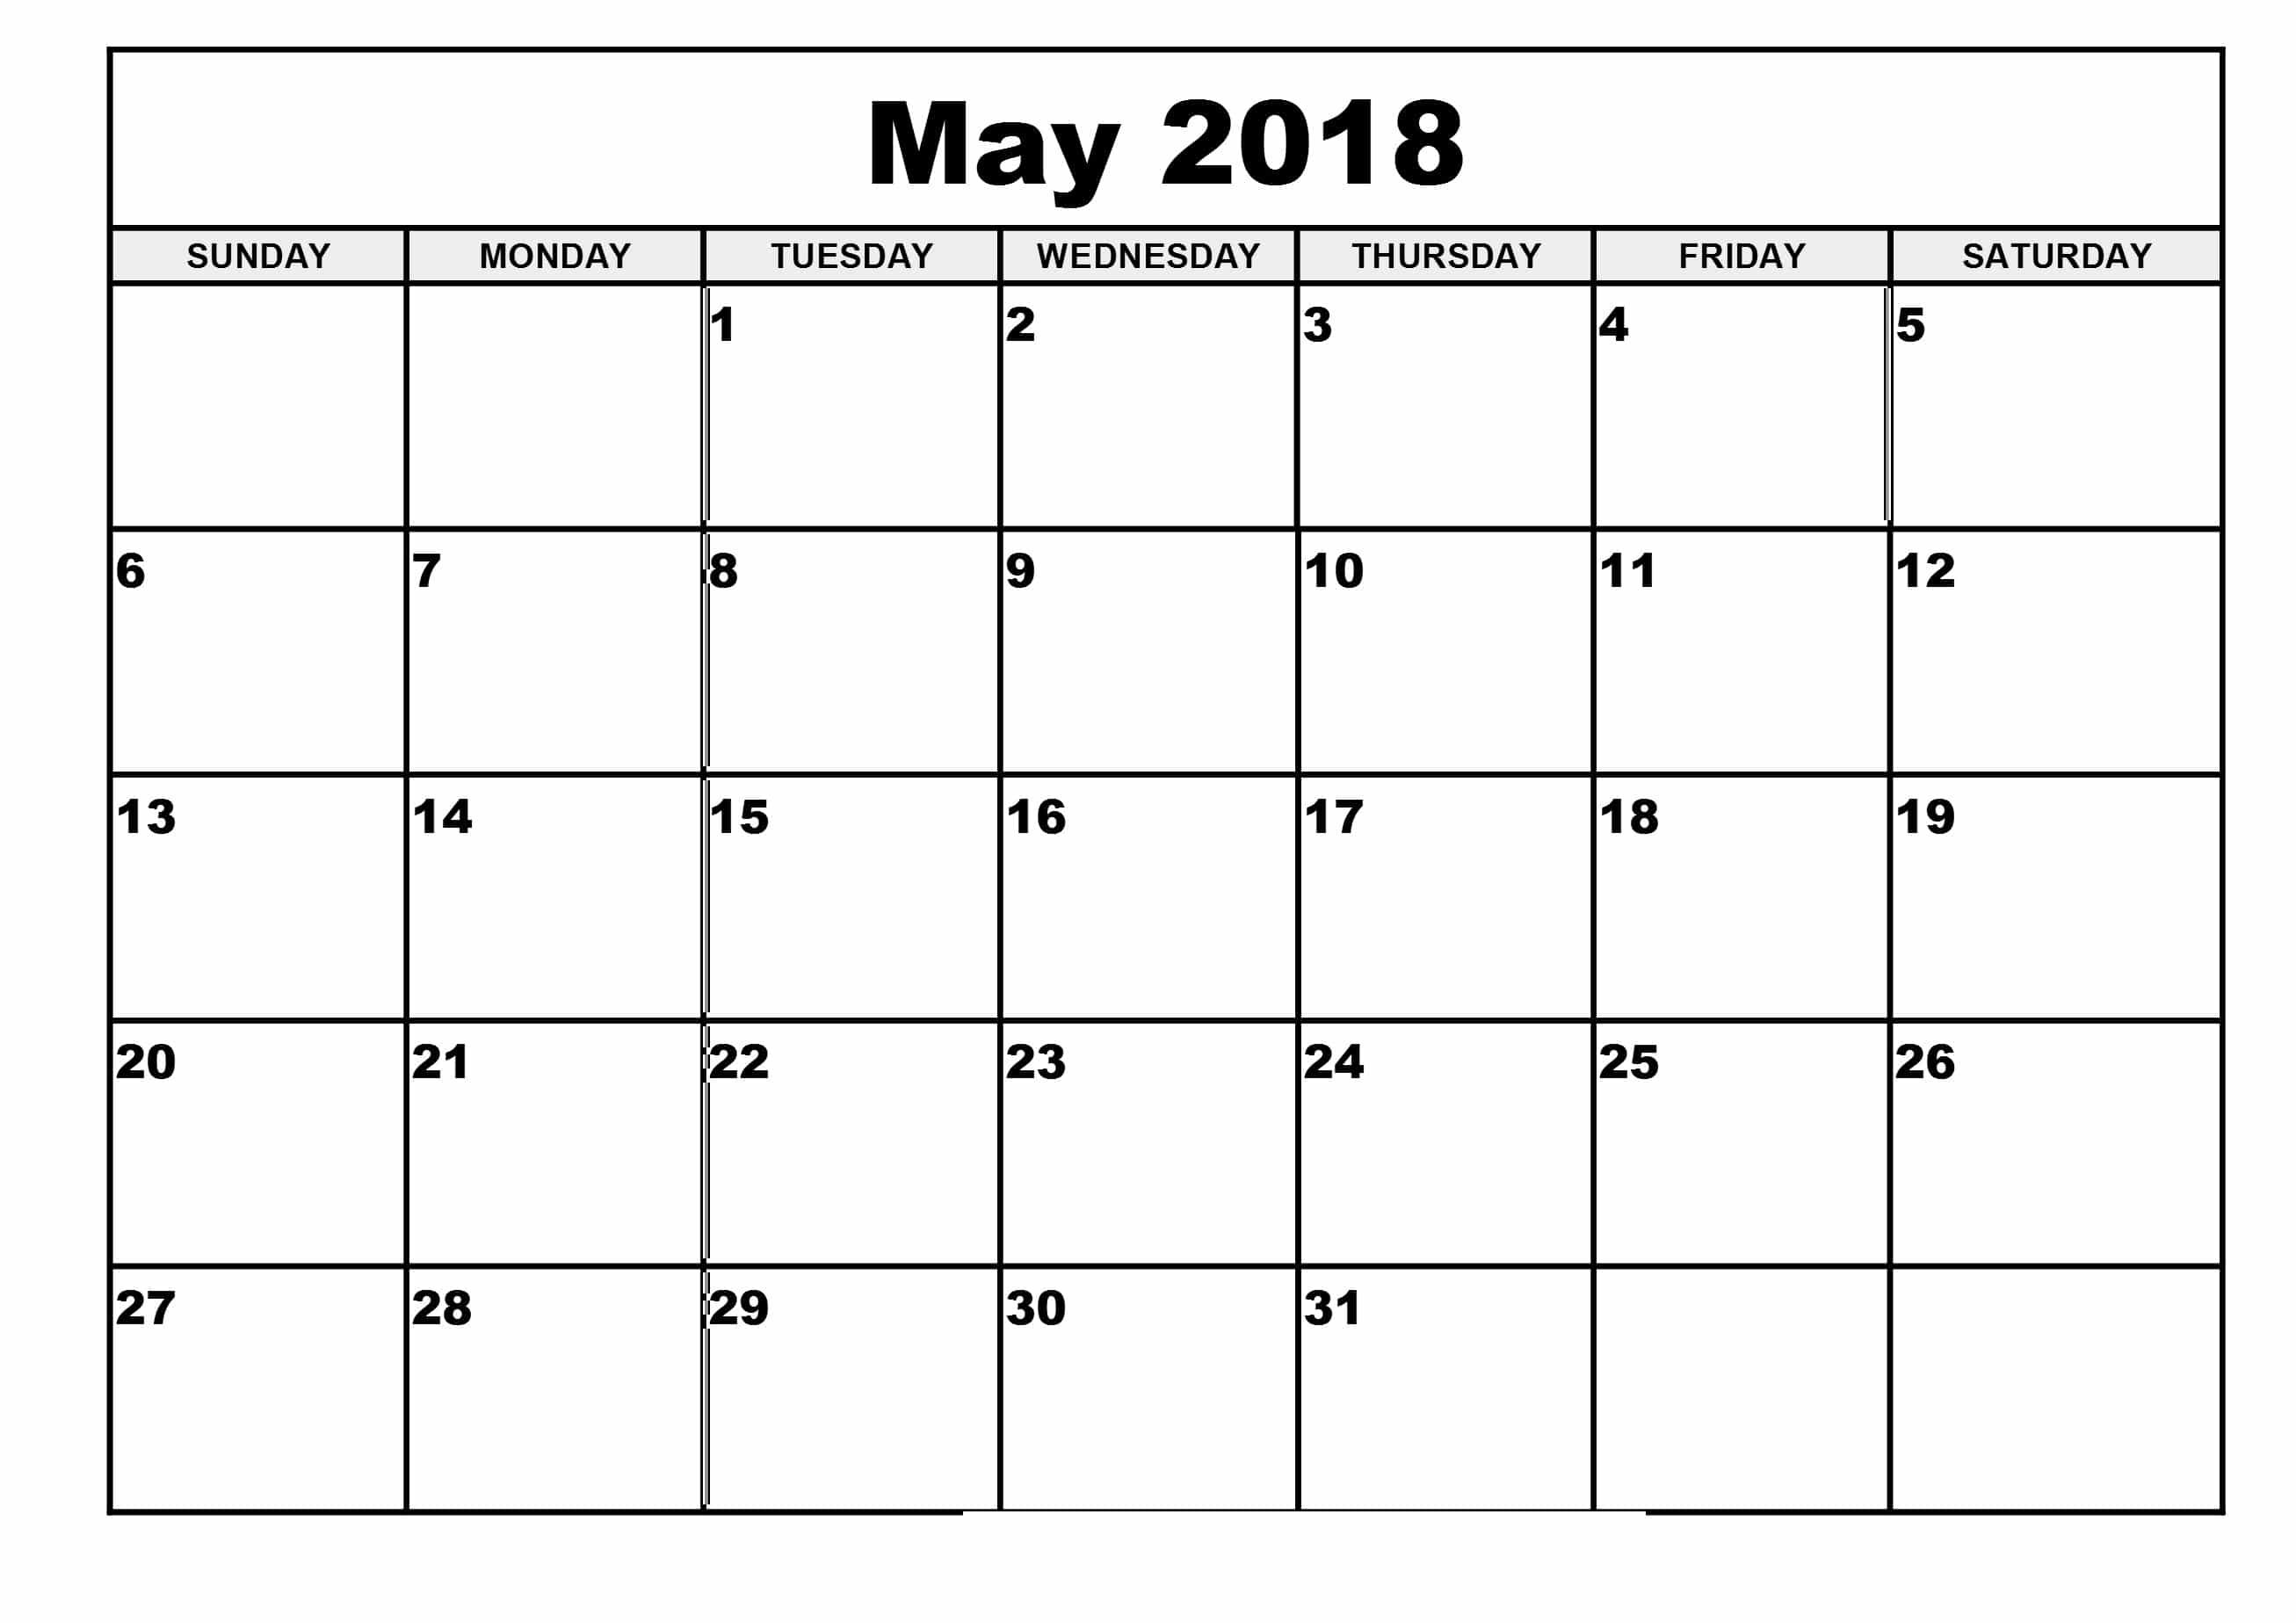 May 2018 Calendar Printable Waterproof - Free HD Images